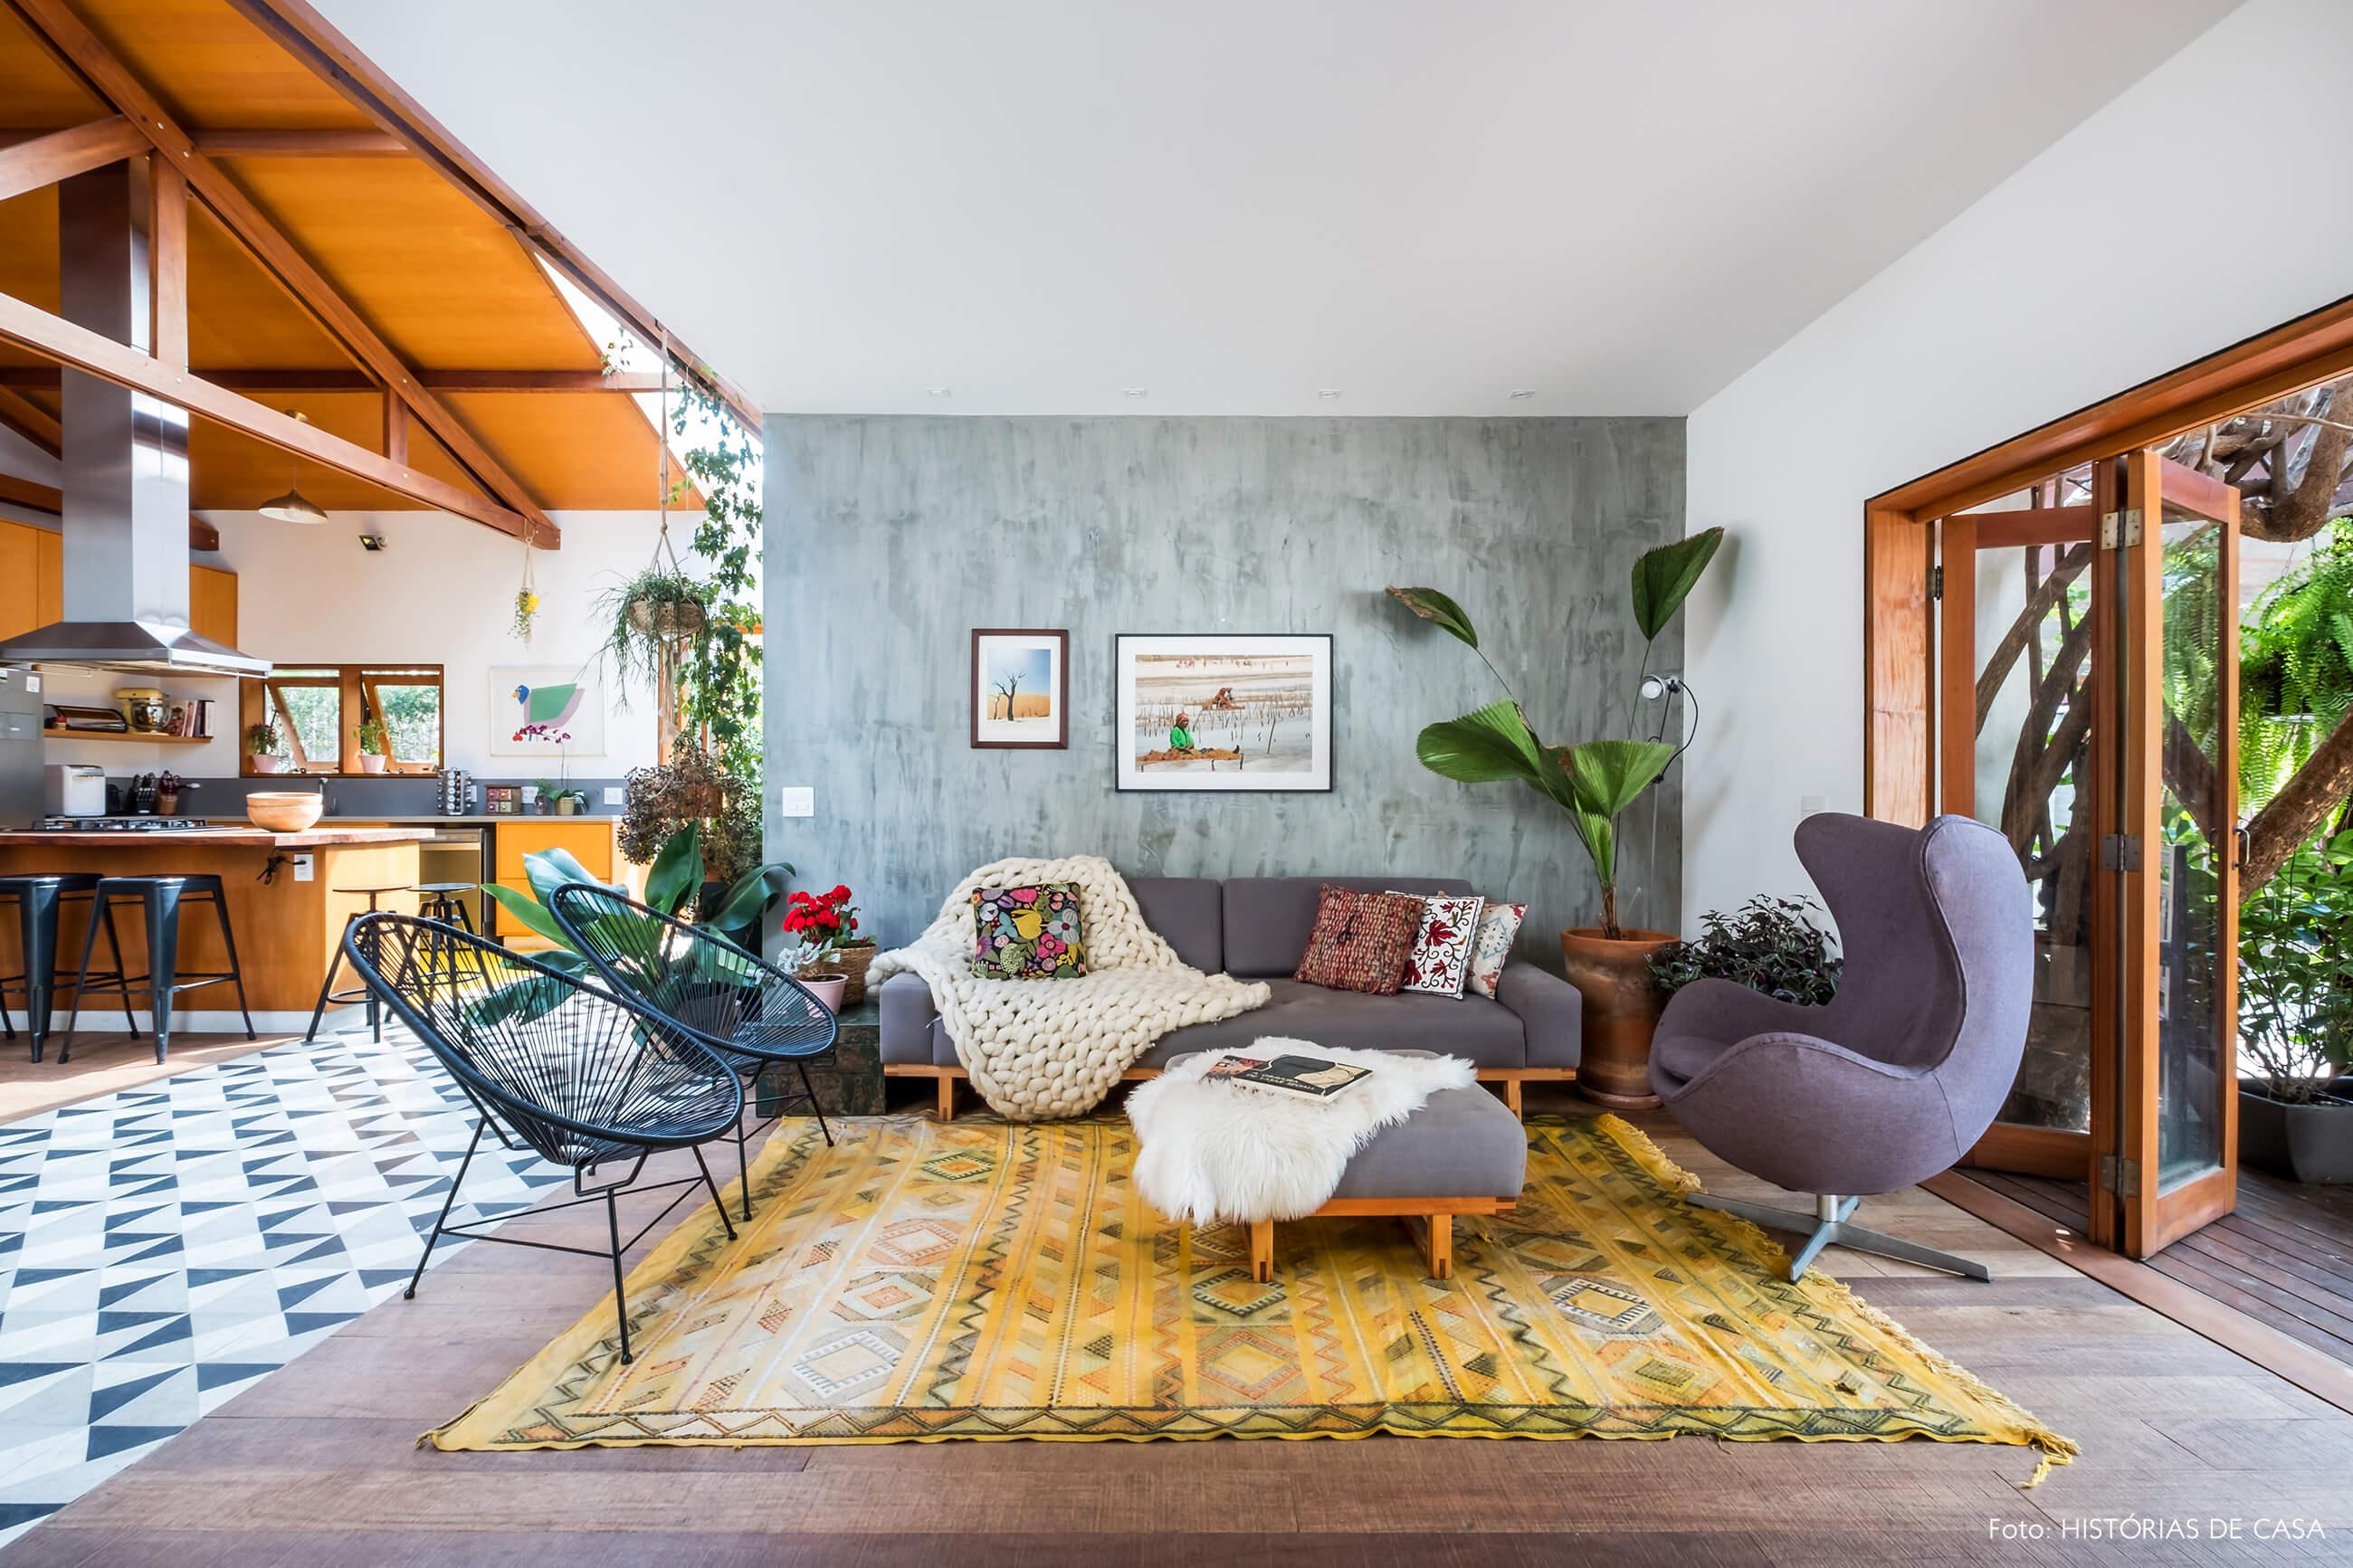 Sala com tapete colorido e parede de cimento queimado atrás do sofá.